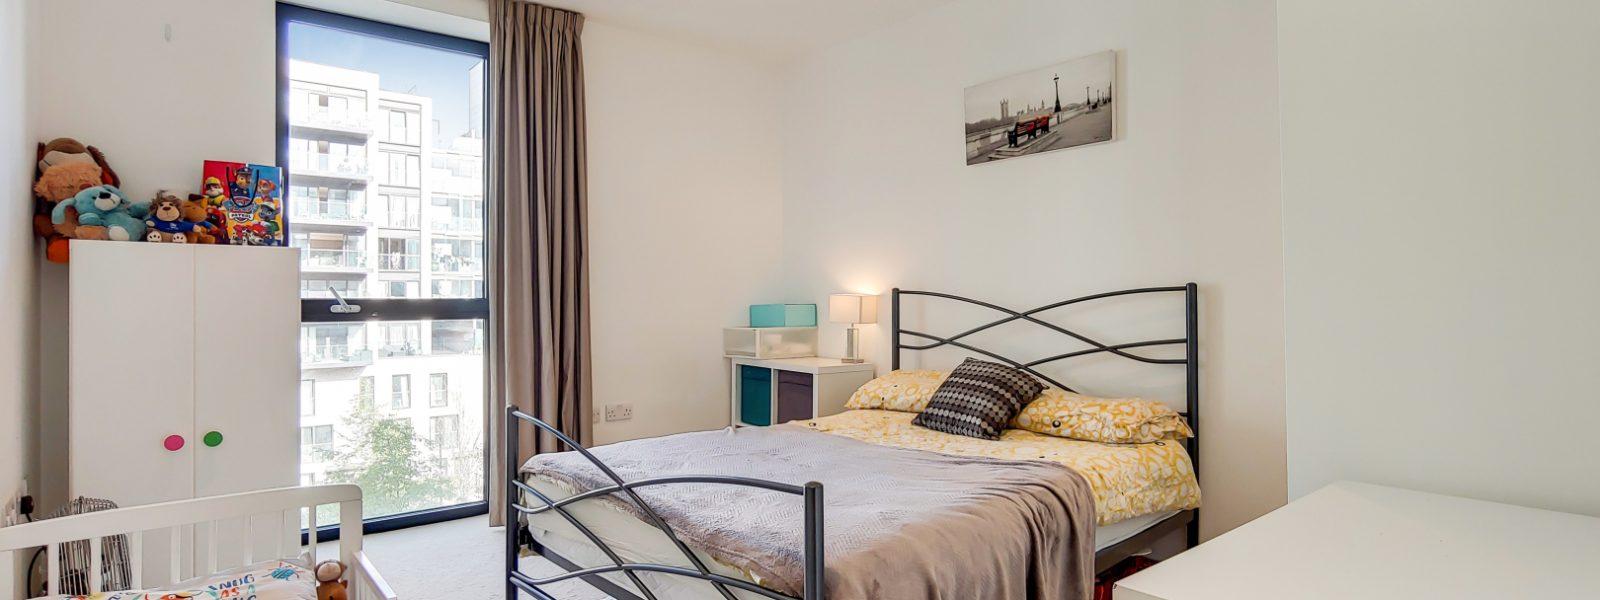 6_Bedroom 2-0